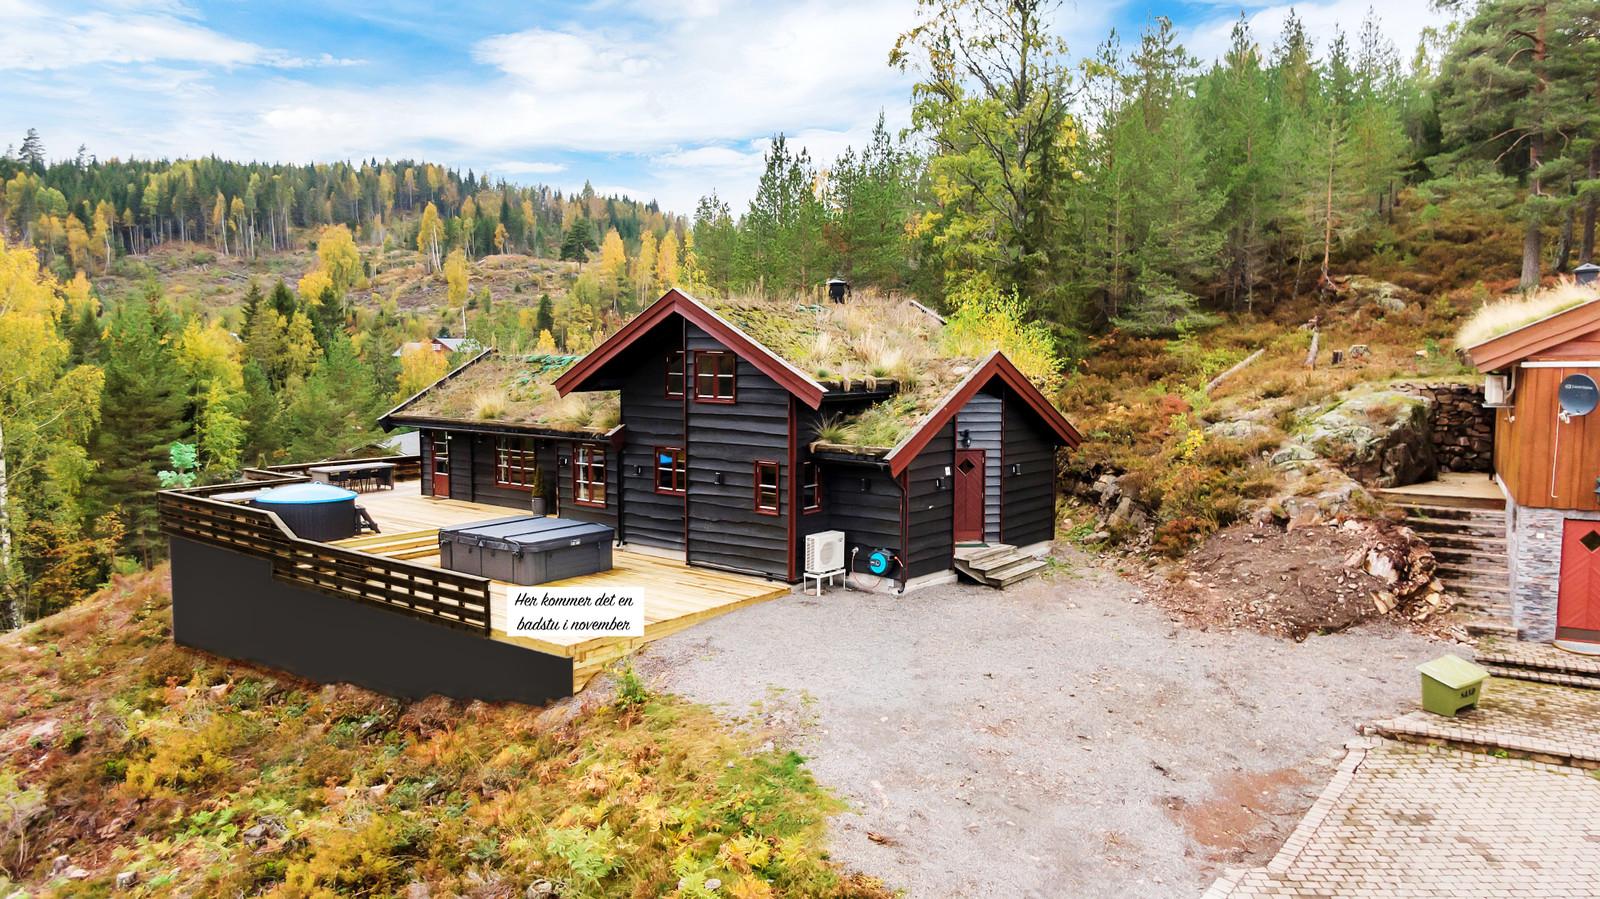 Hytta Lillelardal i Alpinveien 149, 3275 Svarstad